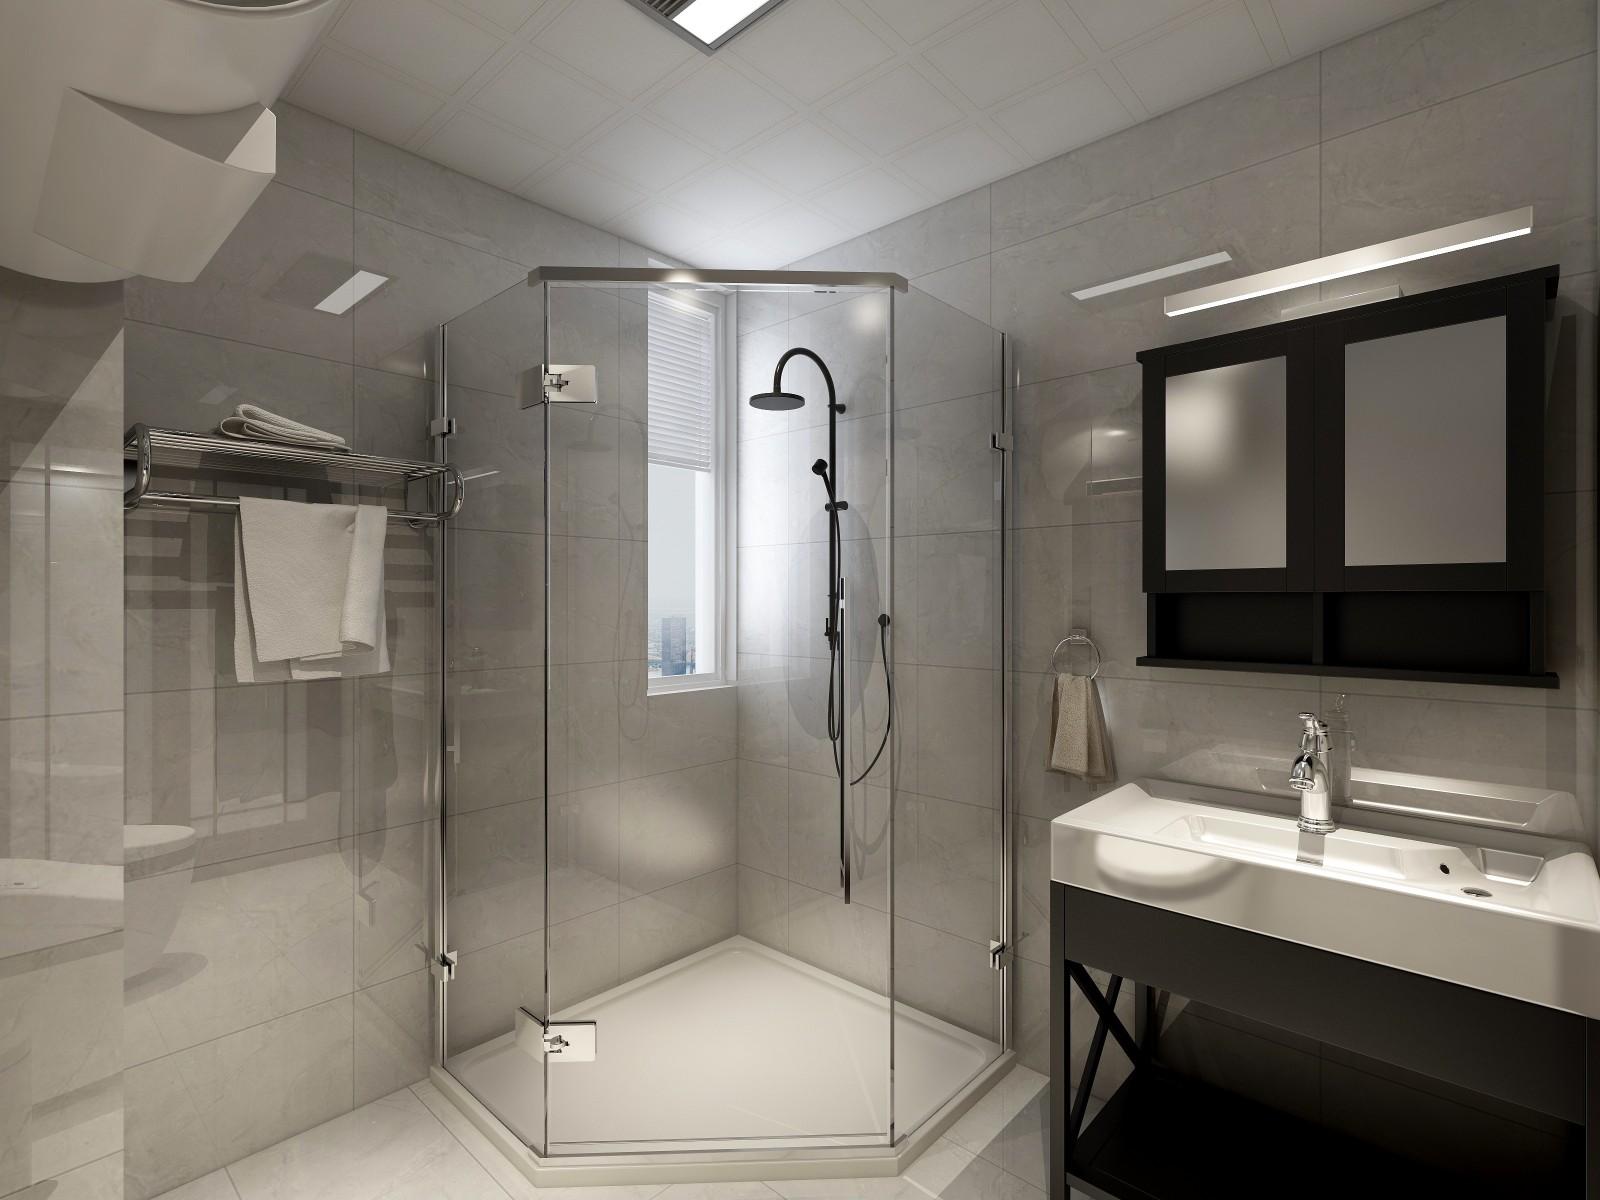 2020简约卫生间装修图片 2020简约淋浴房装修设计图片